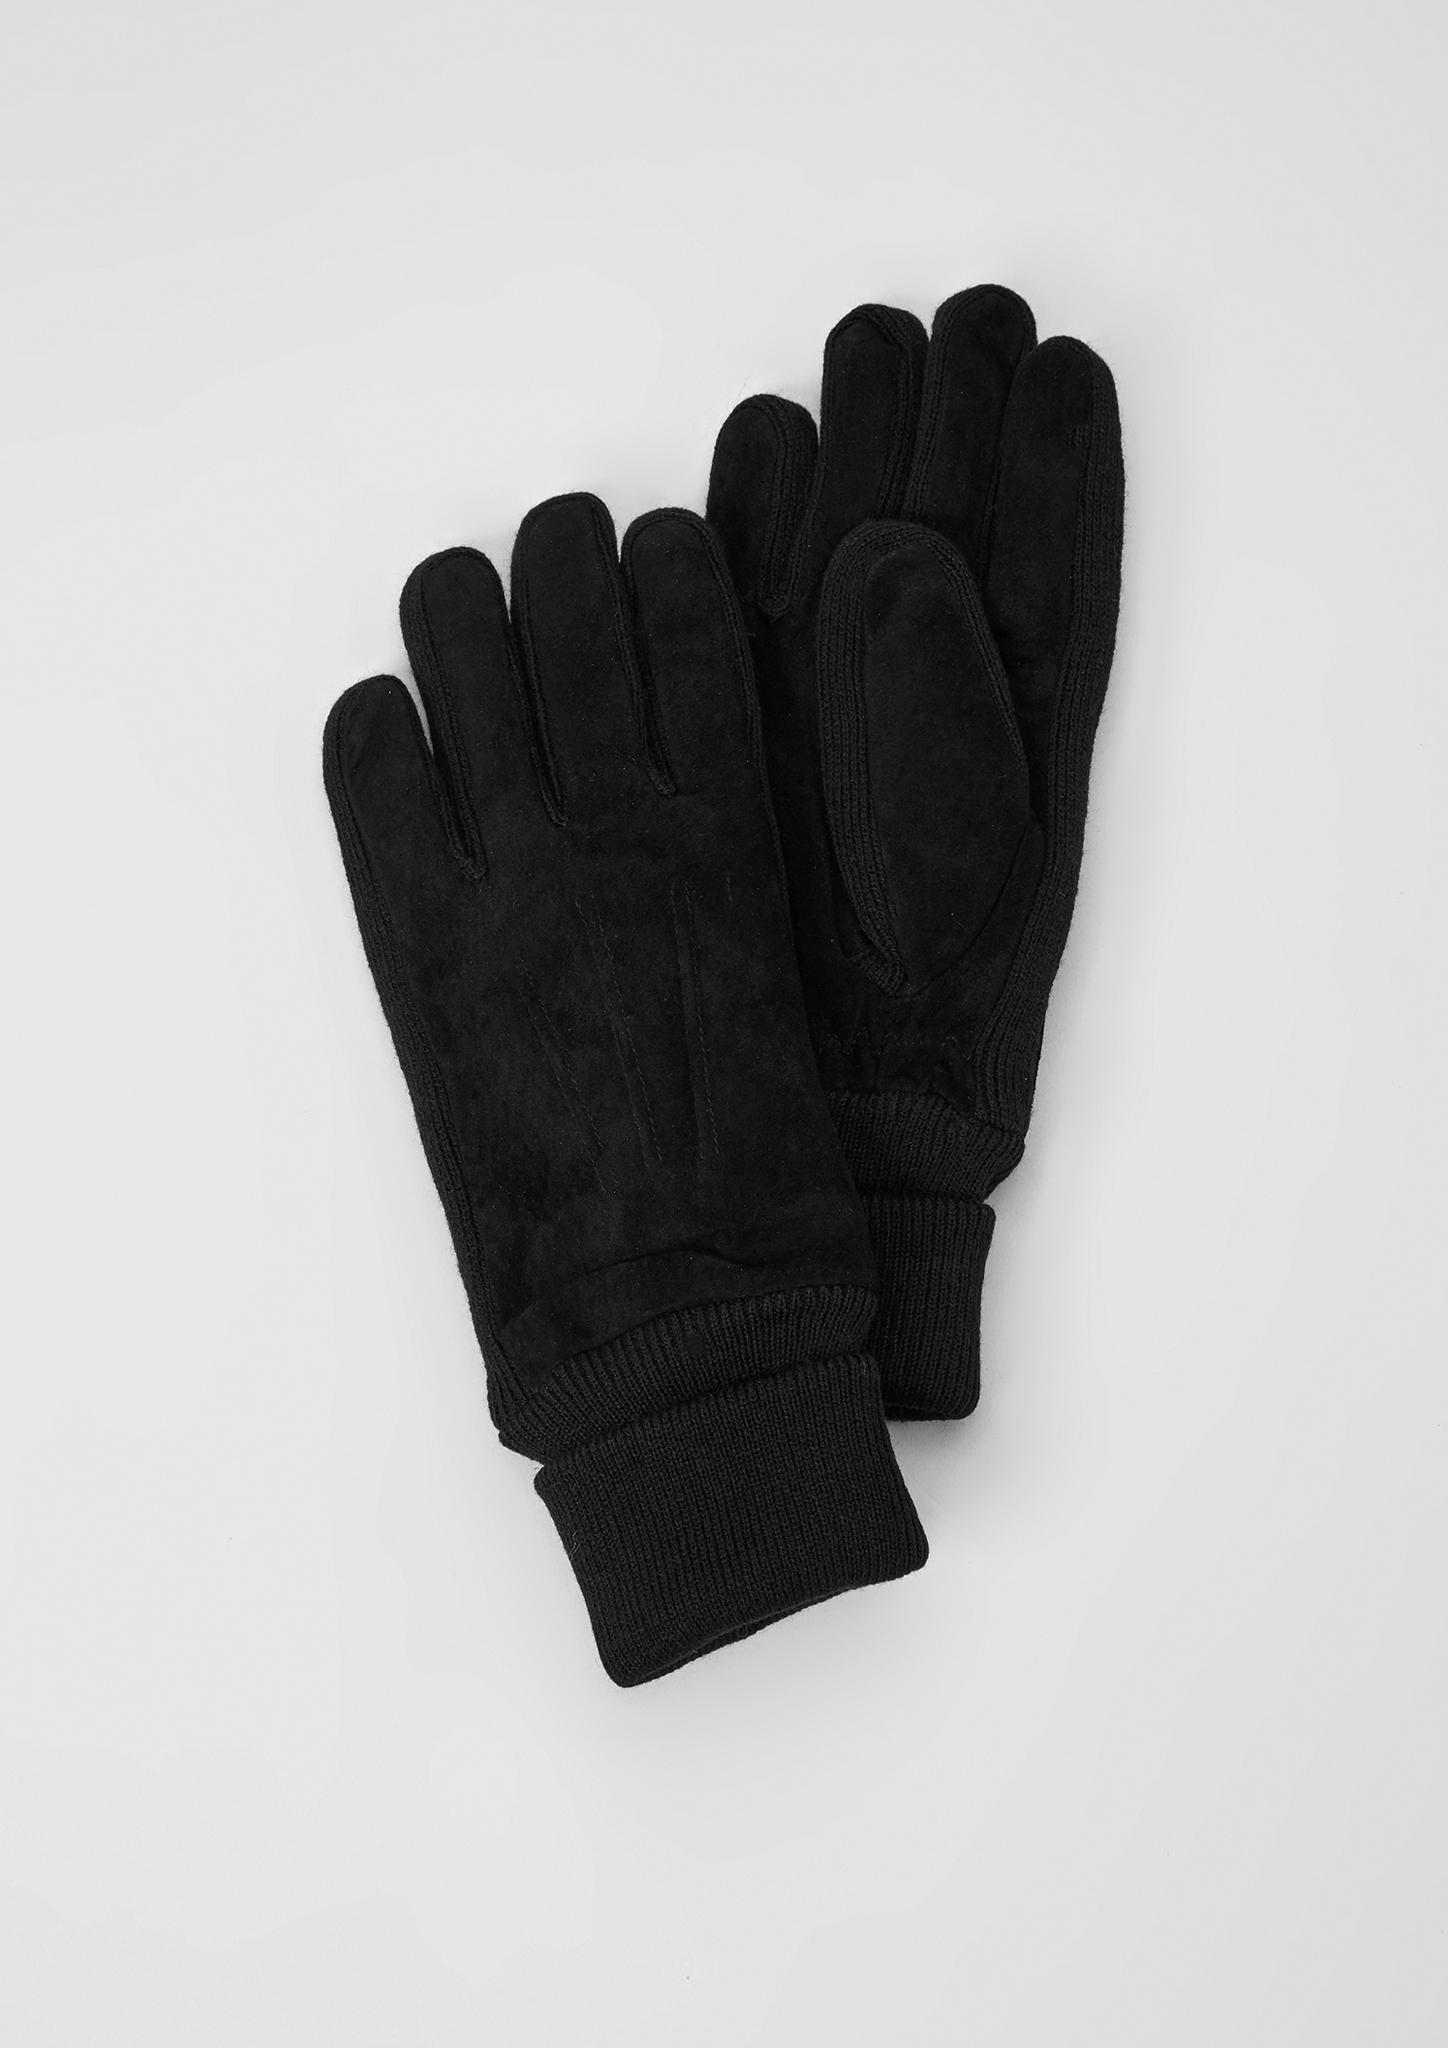 Lederhandschuhe | Accessoires > Handschuhe > Lederhandschuhe | Grau/schwarz | Oberstoff: 100% leder| garn 100% polyacryl| futter: 100% polyester | s.Oliver